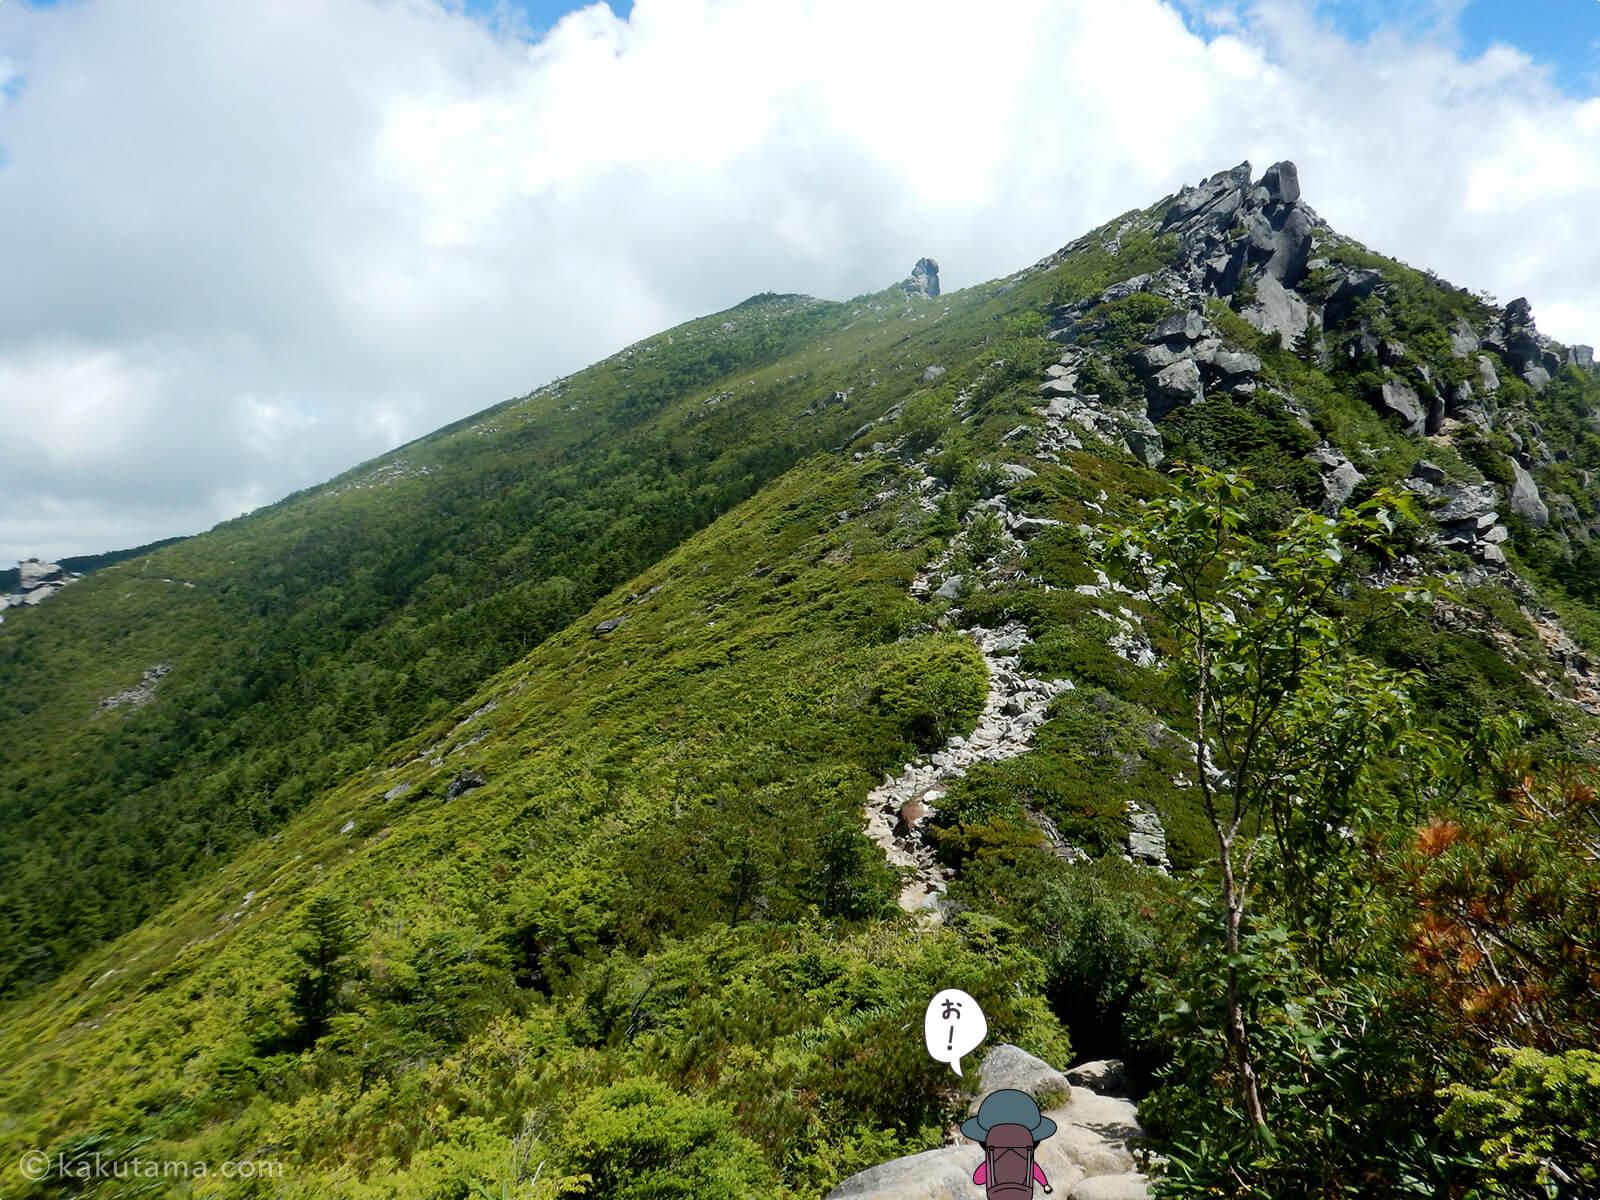 砂払ノ頭から金峰山へ向かってあるき出す4